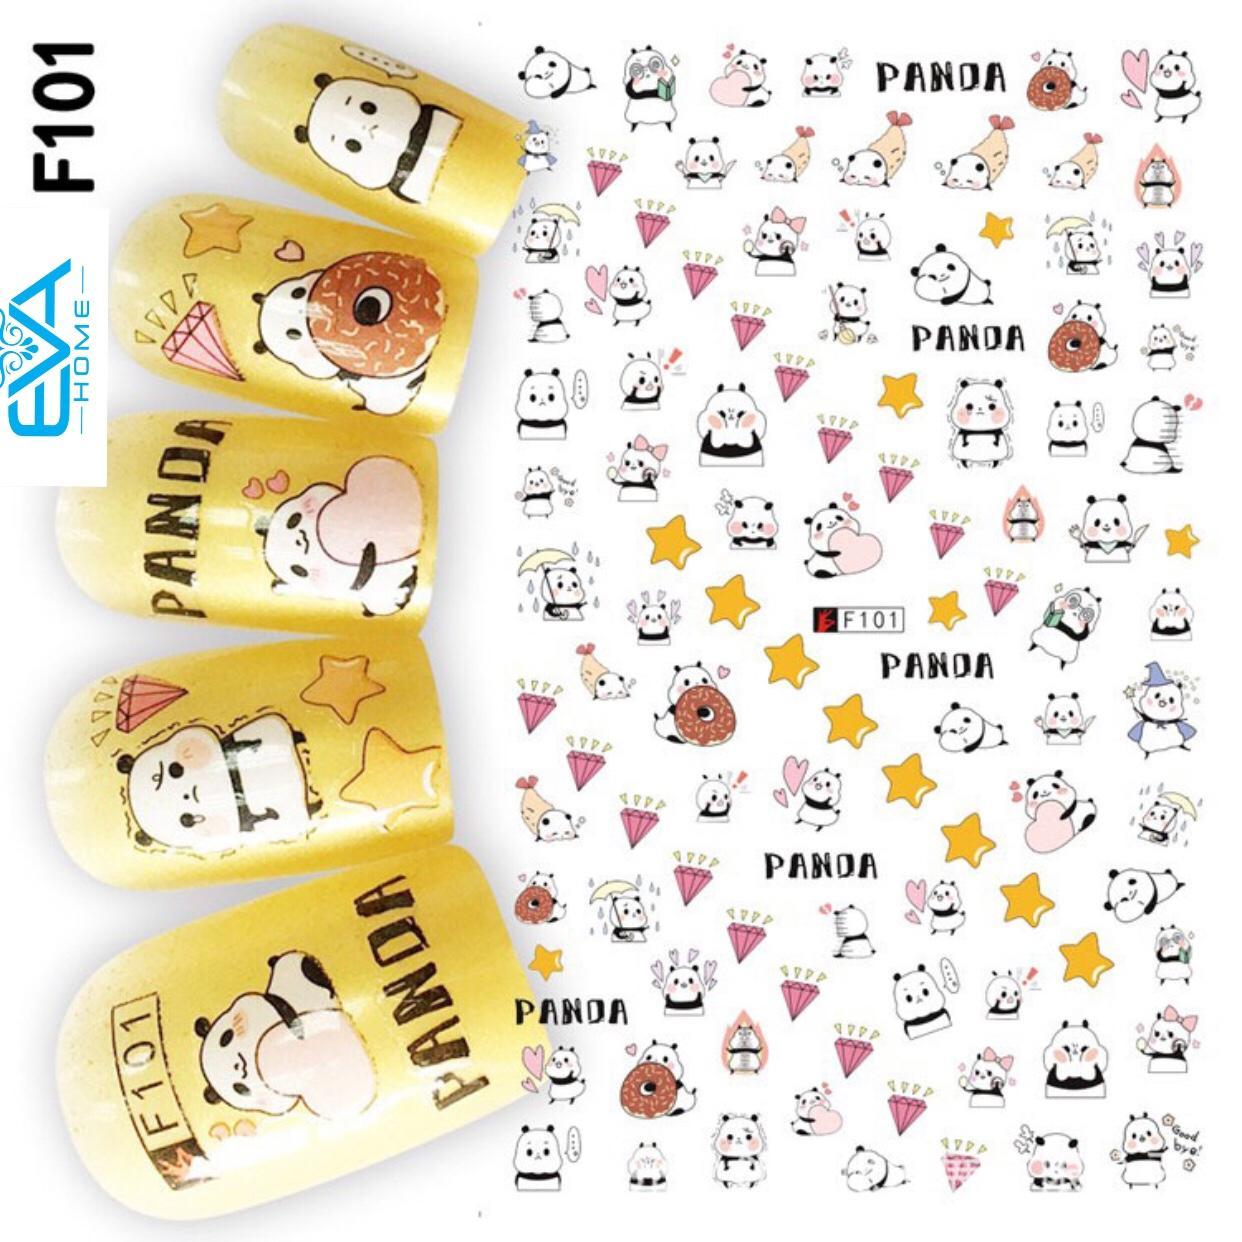 Miếng Dán Móng Tay 3D Nail Sticker Tráng Trí Hoạt Hình F101 tốt nhất